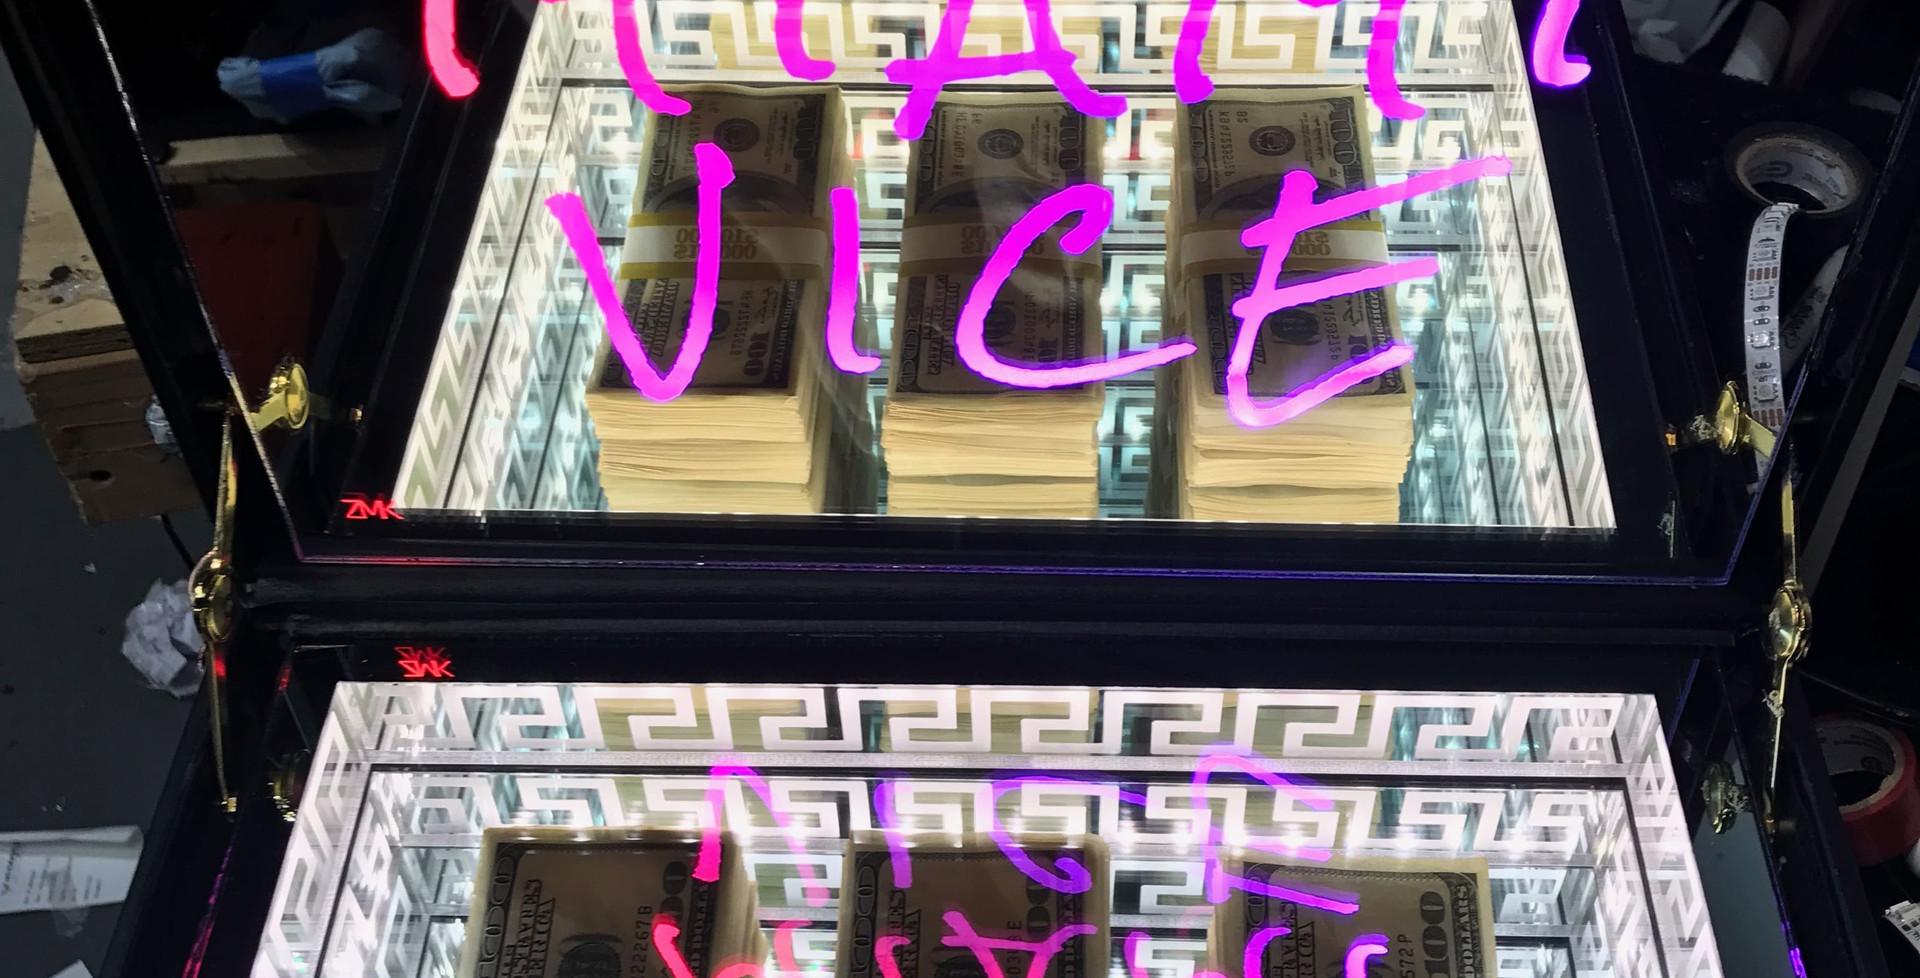 Miami Vice Top View